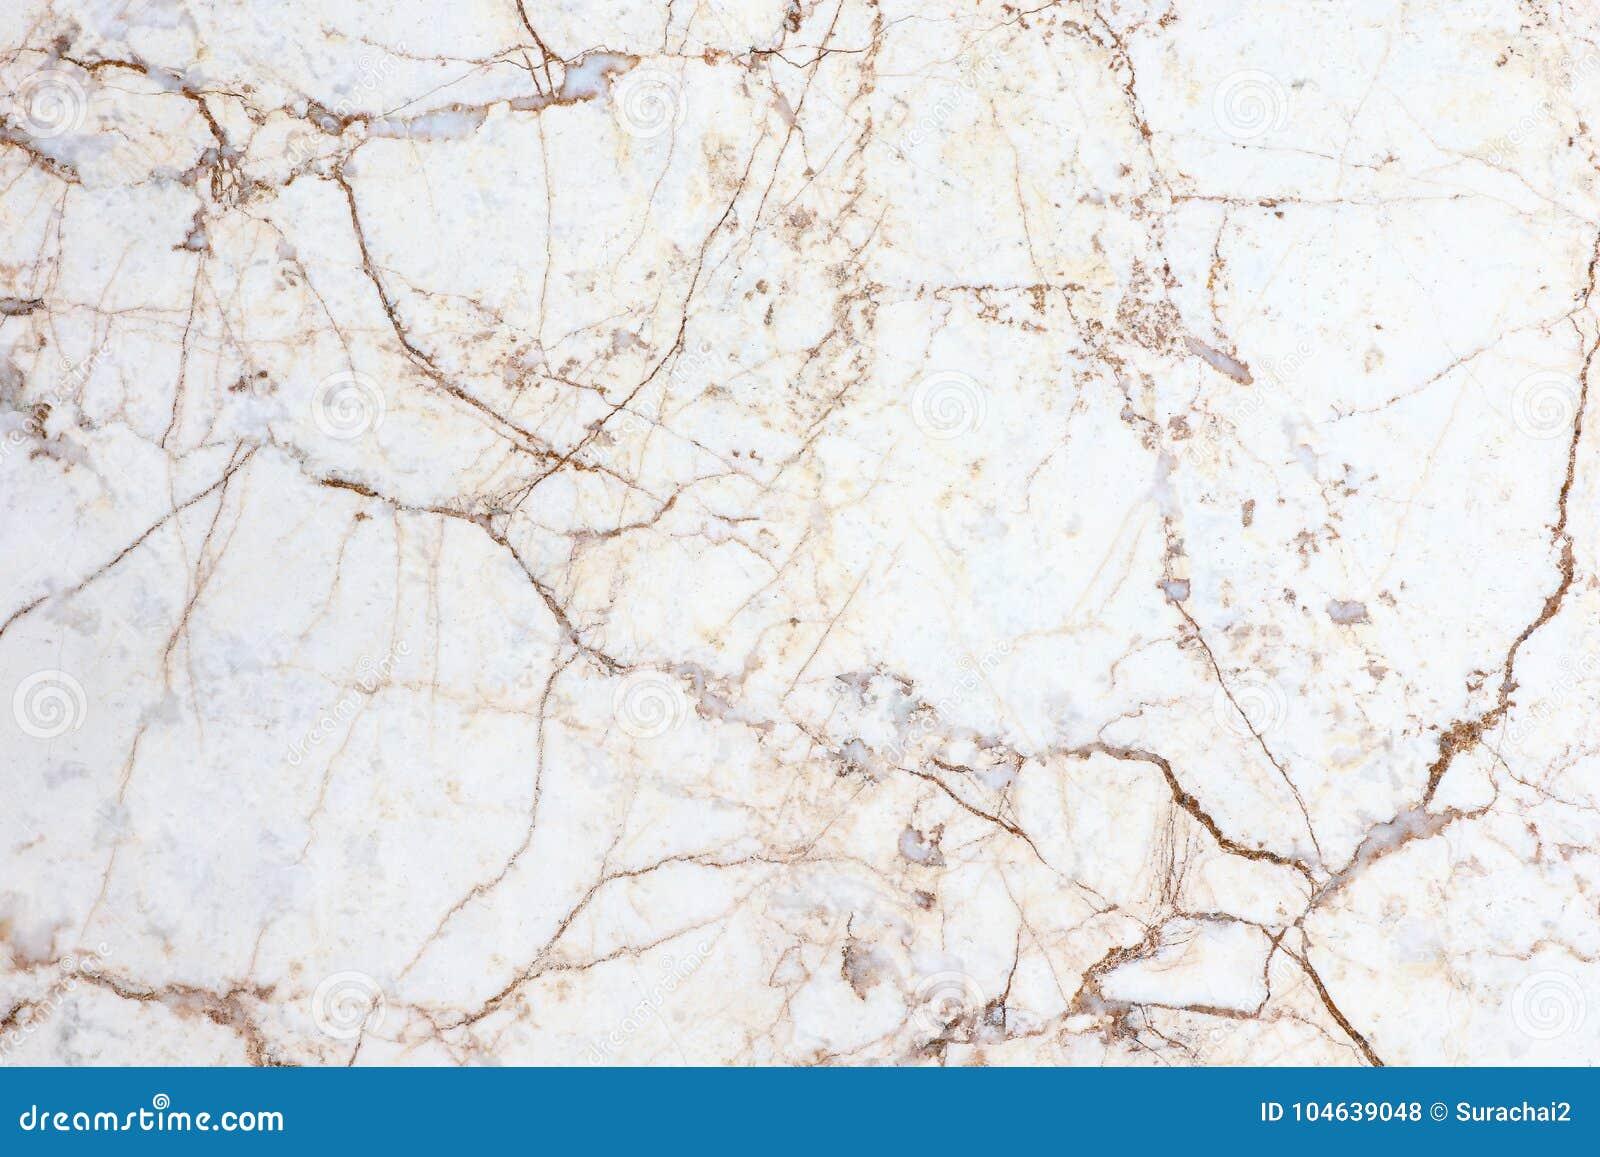 Download Marmeren Textuurpatroon Als Achtergrond Stock Foto - Afbeelding bestaande uit grijs, ontwerp: 104639048